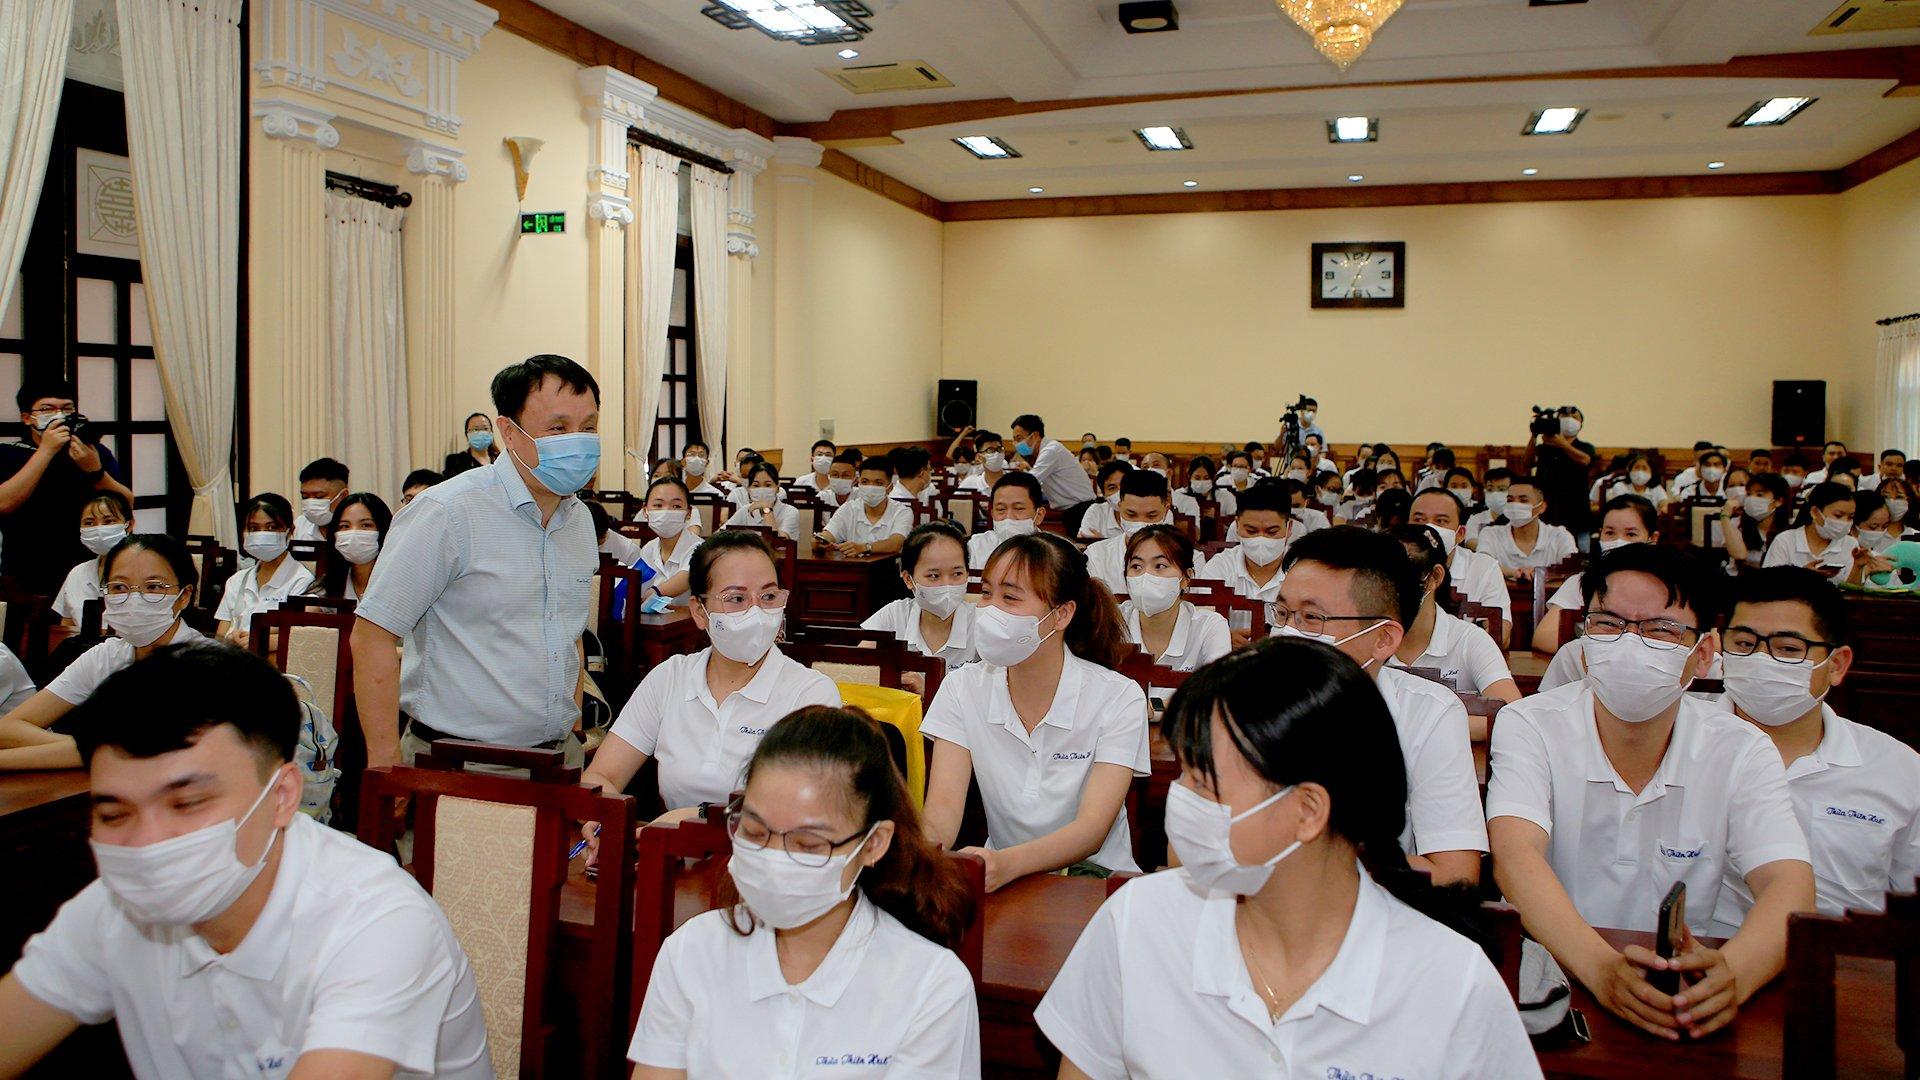 Từ sáng sớm tại Hôi trường UBND tỉnh Thừa Thiên Huế, GS,TS Phạm Như Hiệp, giám đốc Bệnh viện T.Ư Huế đã có mặt tại Hội trường UBND tỉnh để động viên đội thầy thuốc lên đường vào Nam làm nhiệm vụ